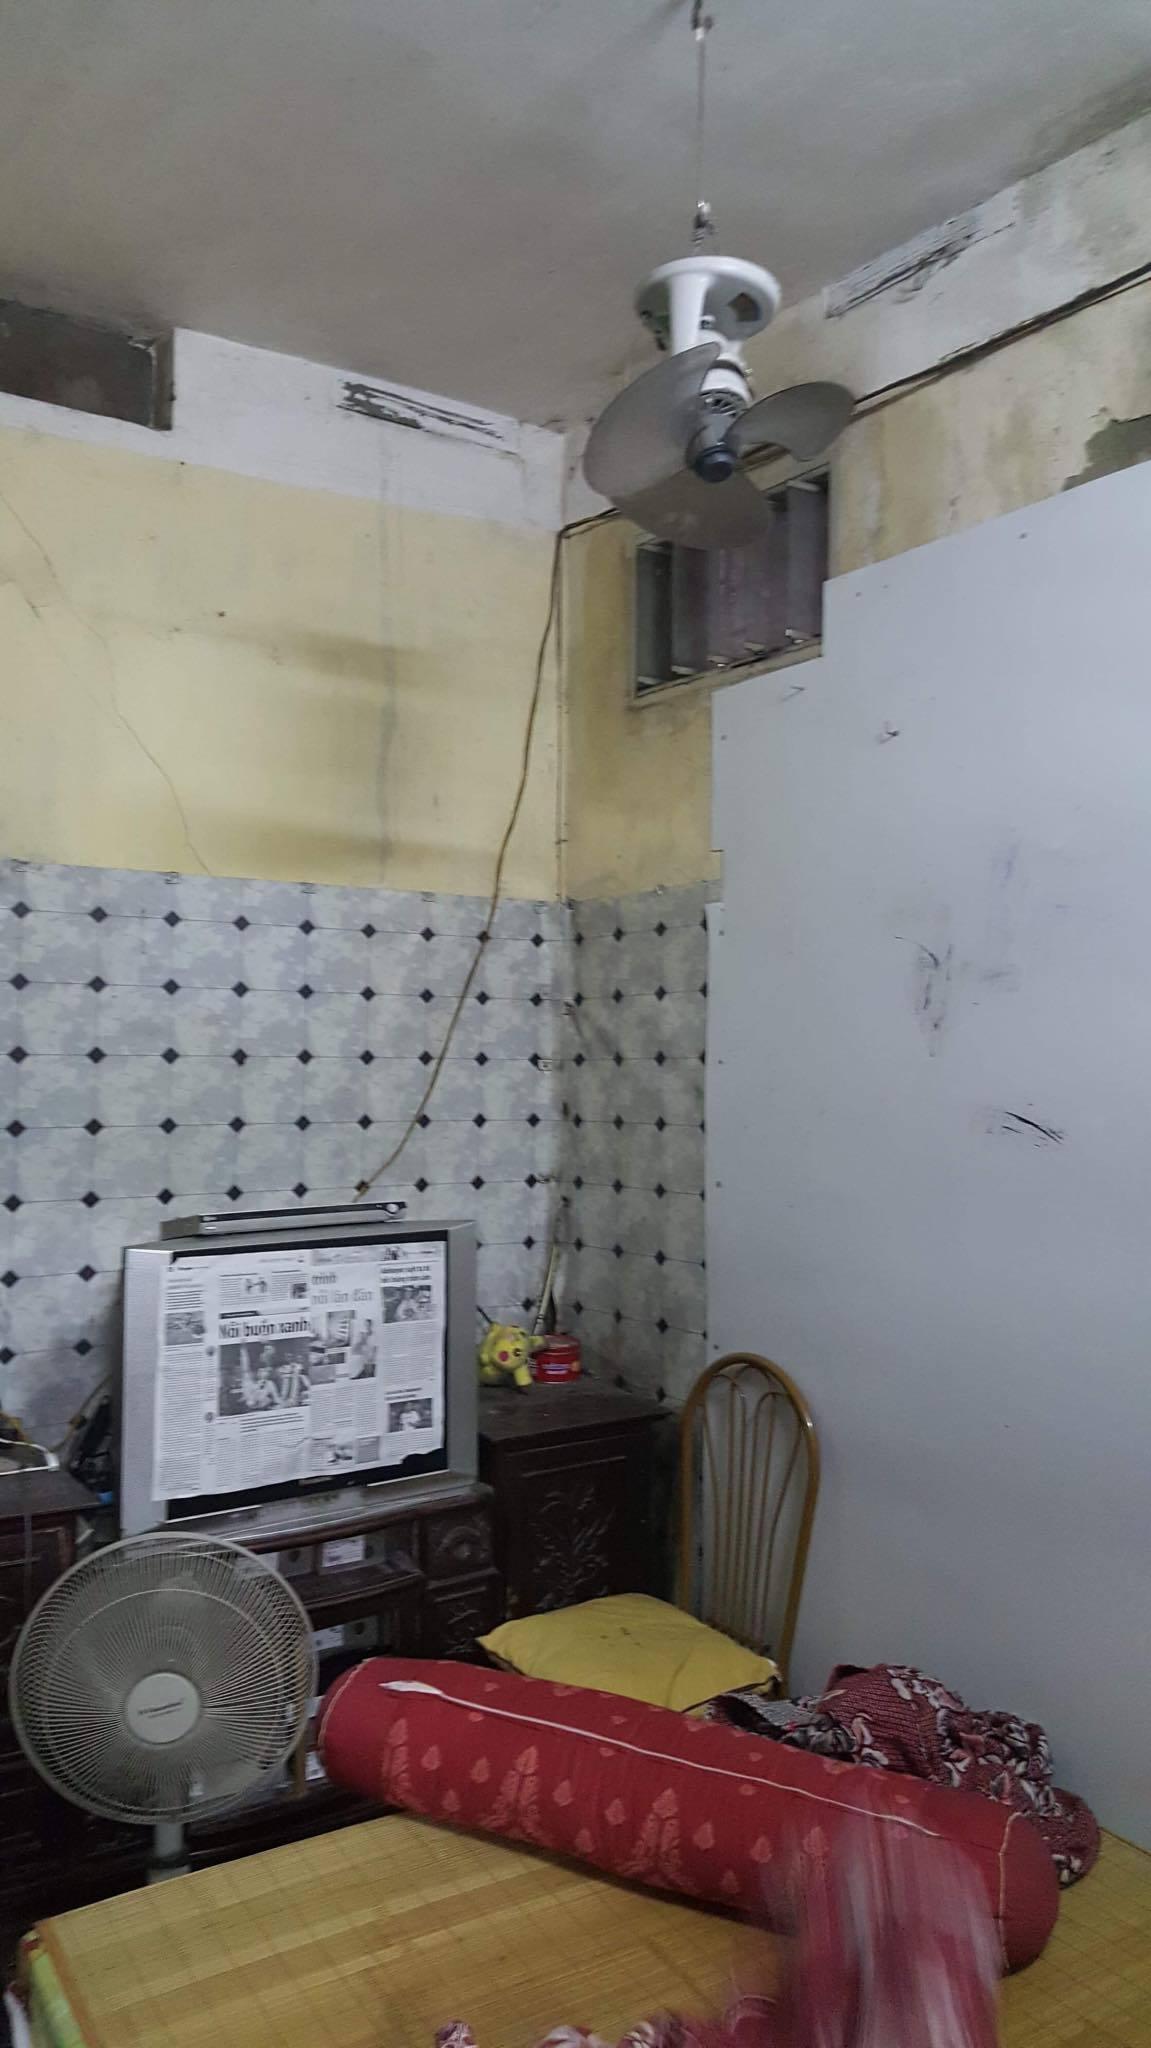 Ban thờ lập vội trong căn nhà tồi tàn của nạn nhân vụ tai nạn ở hầm Kim Liên-6